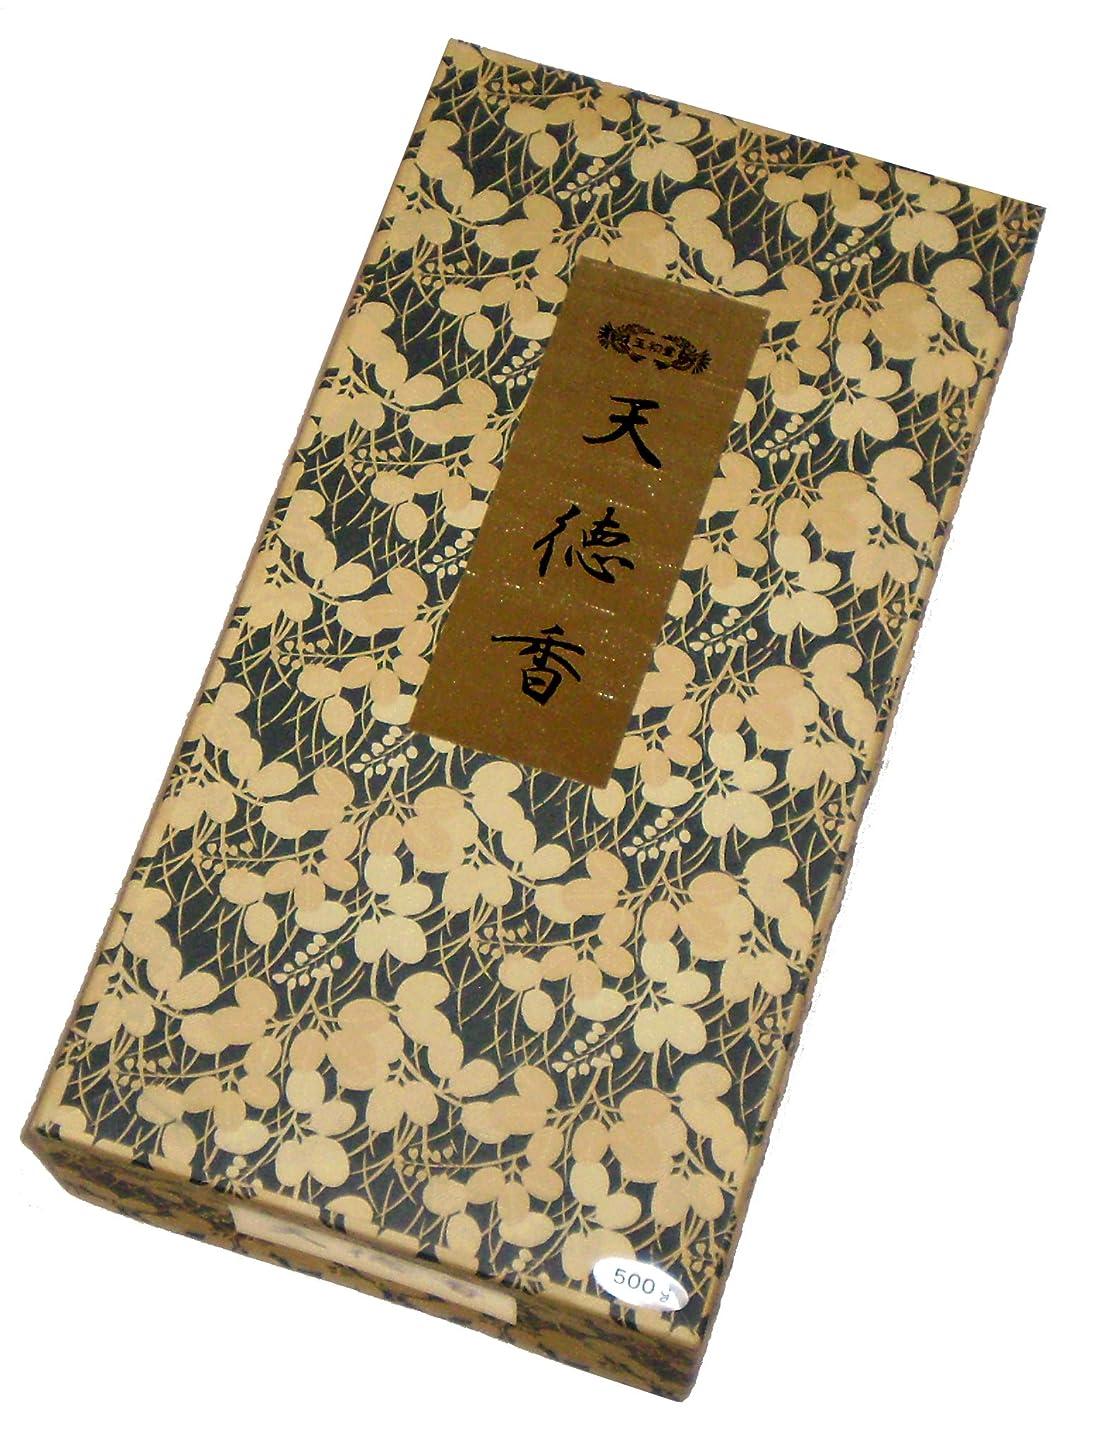 玉初堂のお香 天徳香 500g #651